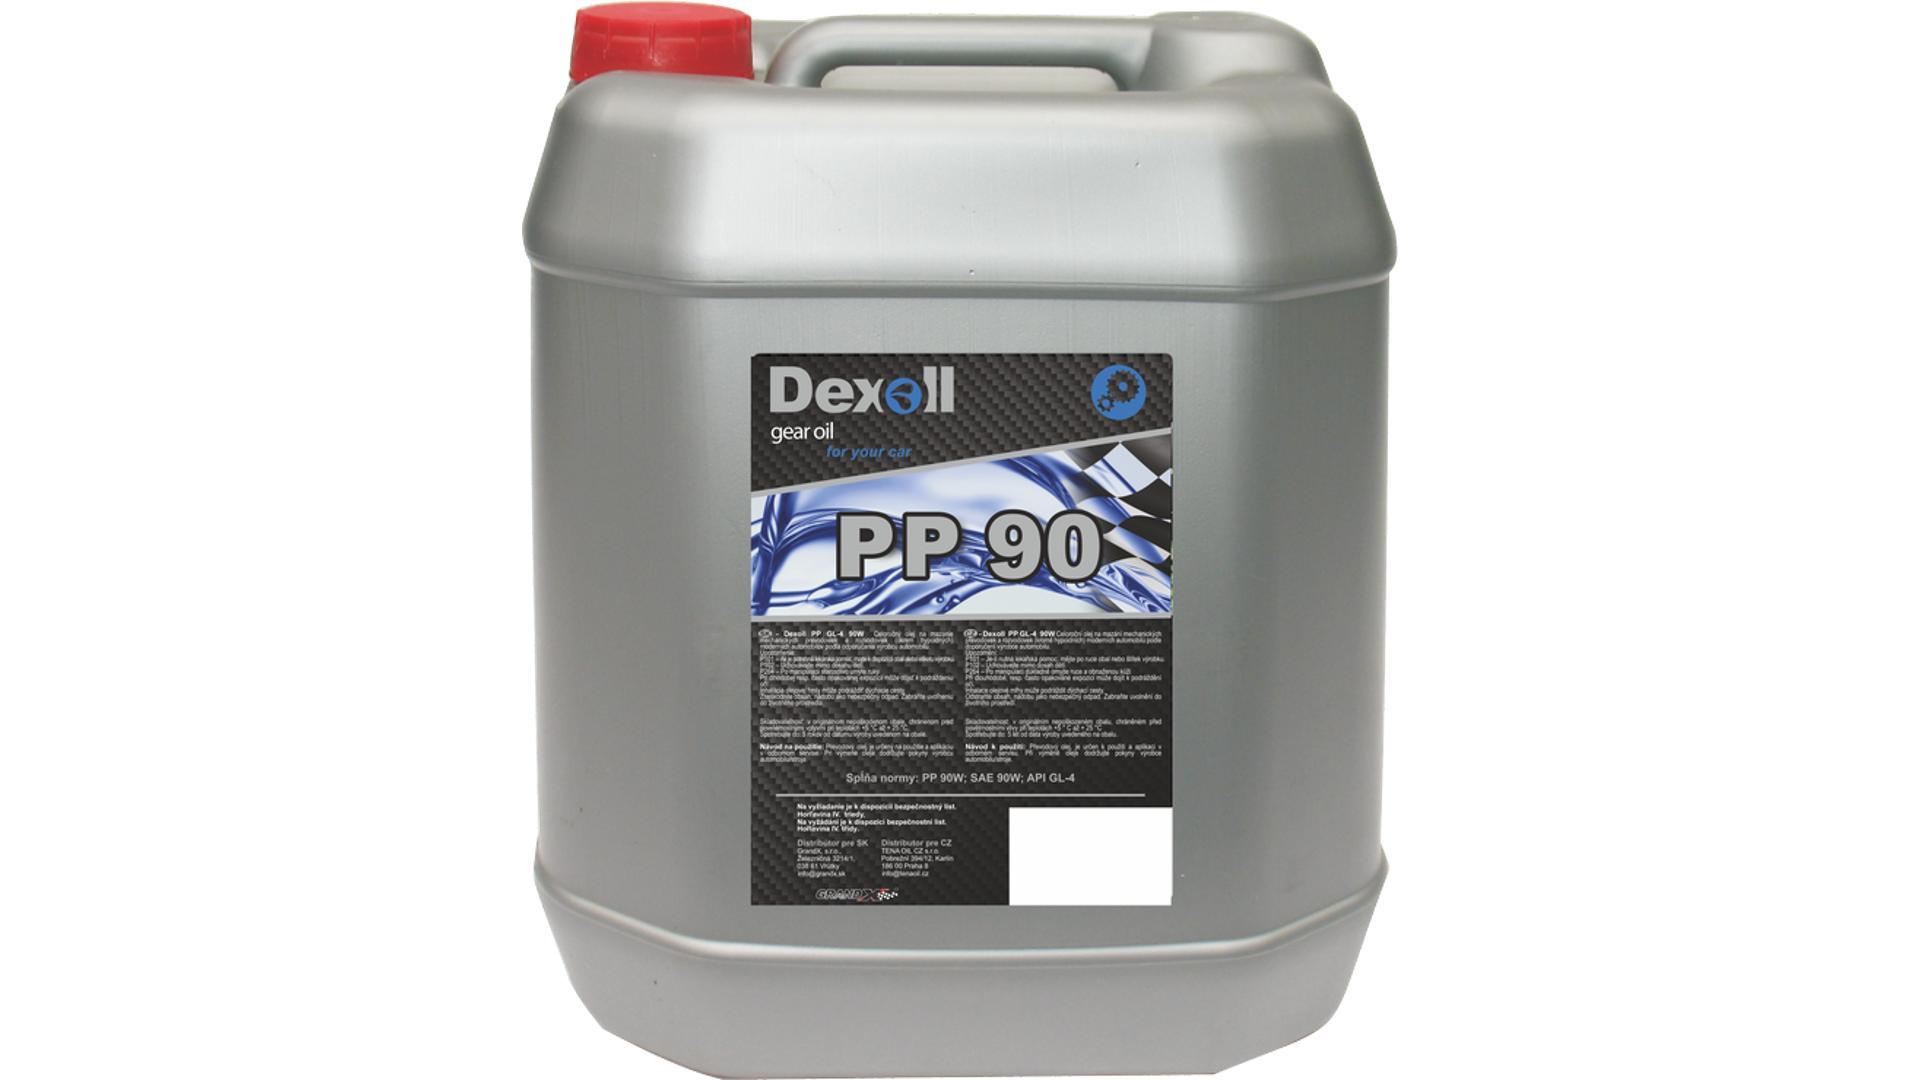 DEXOLL PP GL-4 90W 10L